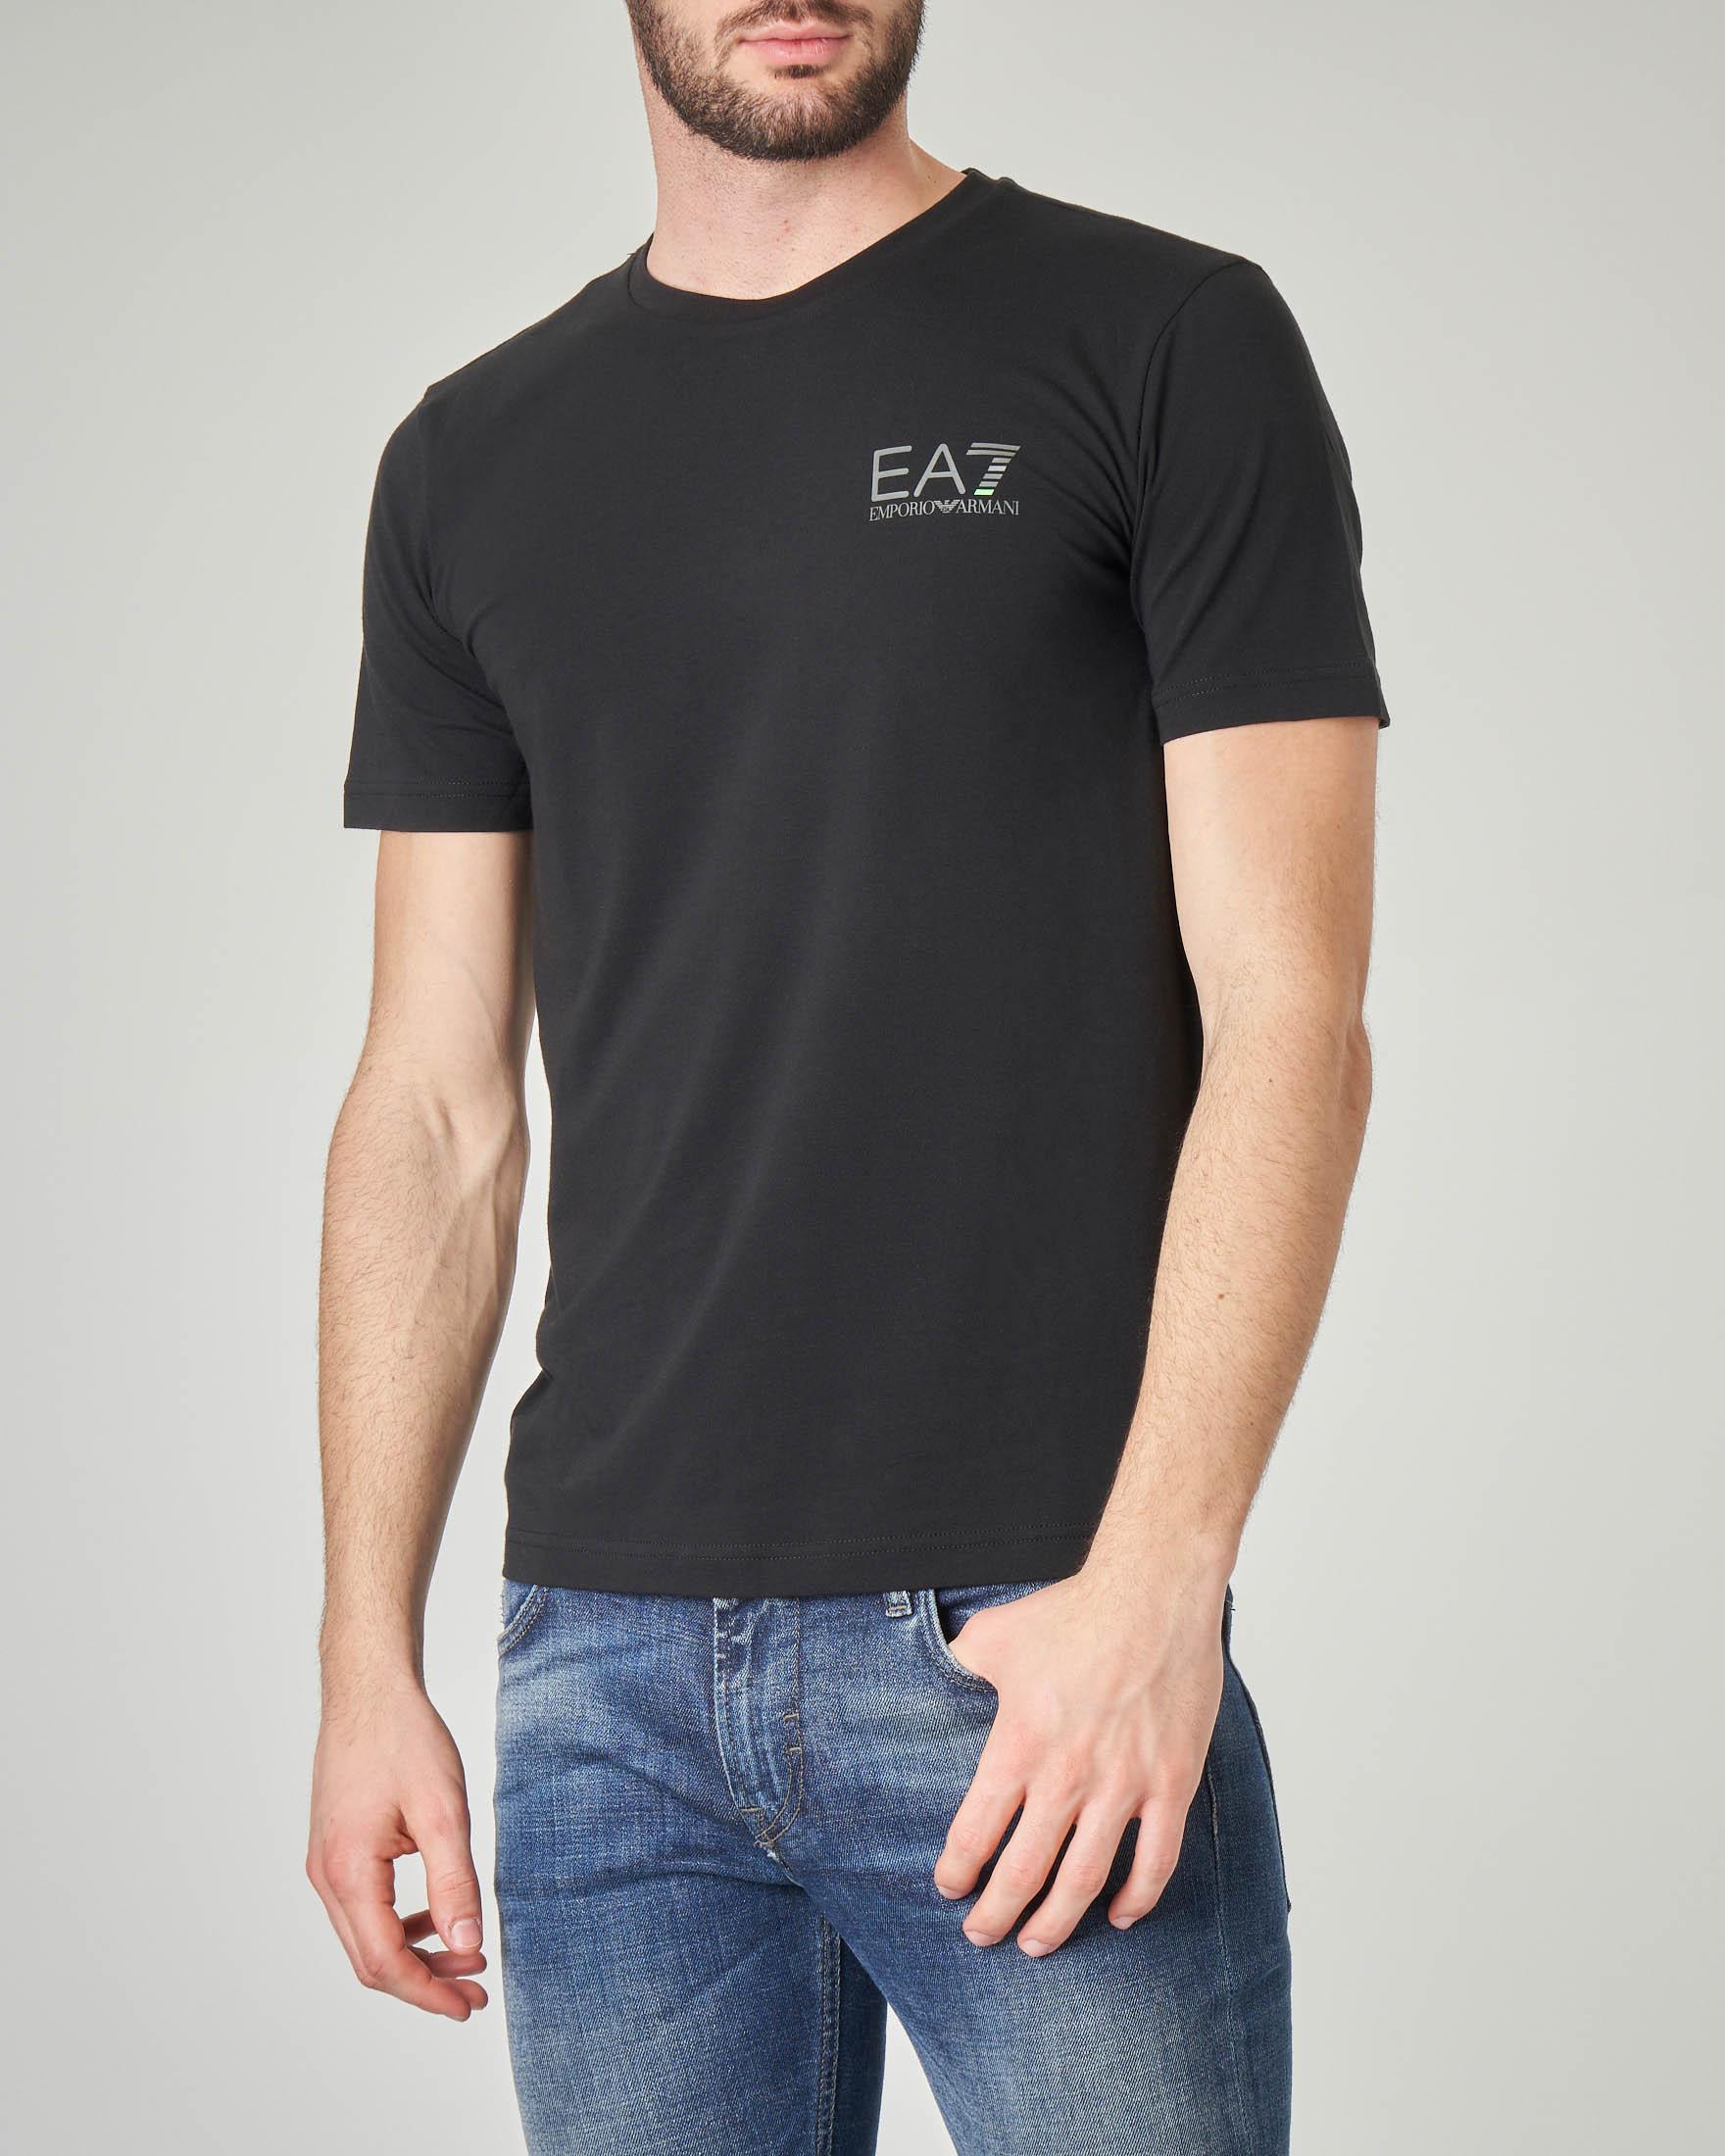 T-shirt nera stretch con logo piccolo sul petto e logo verticale sul retro